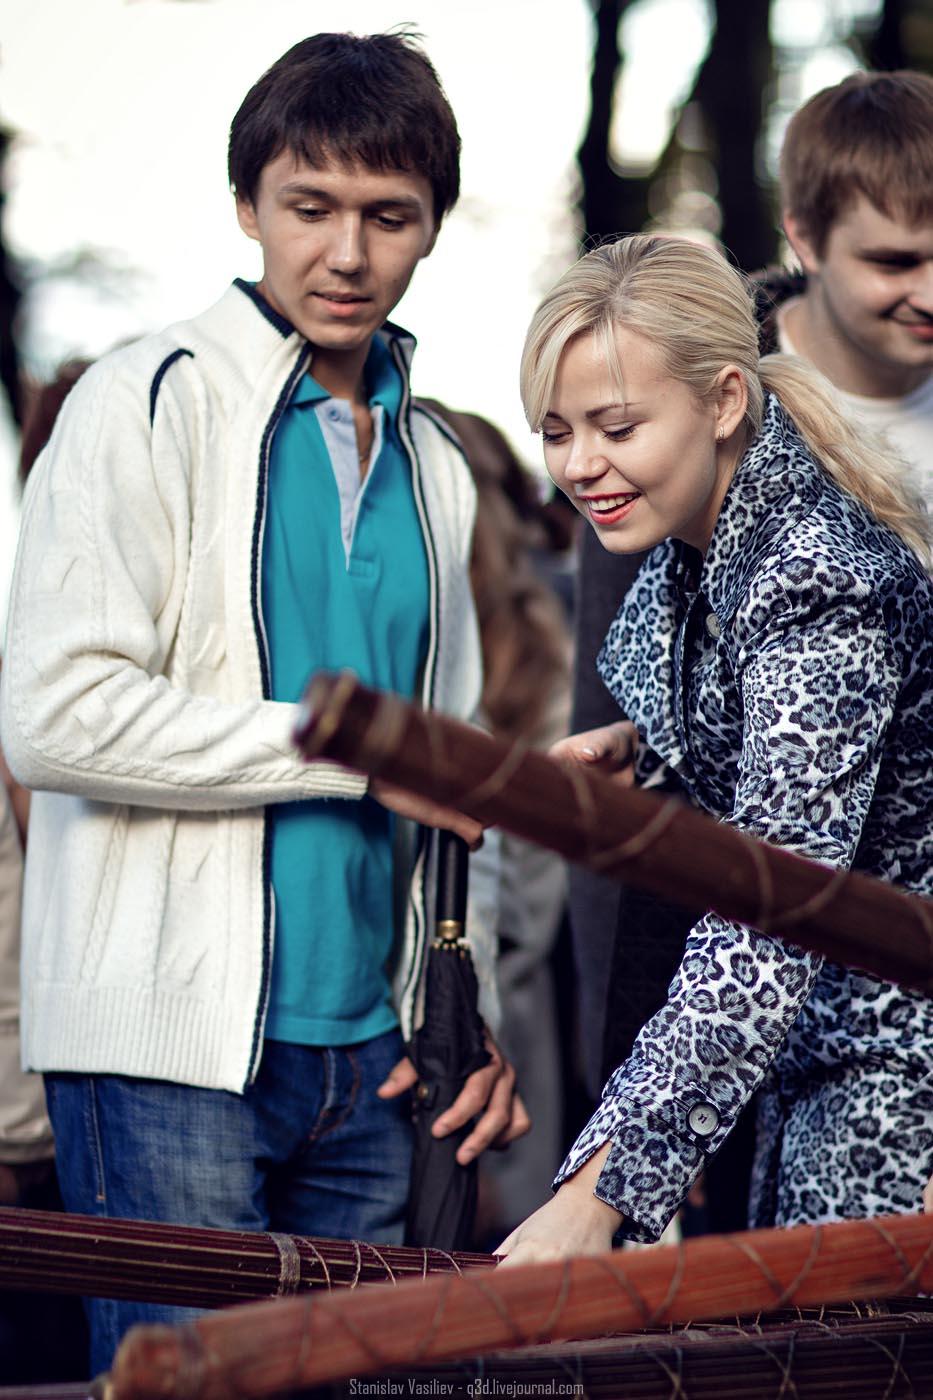 День города - Москва - 2013 - #027